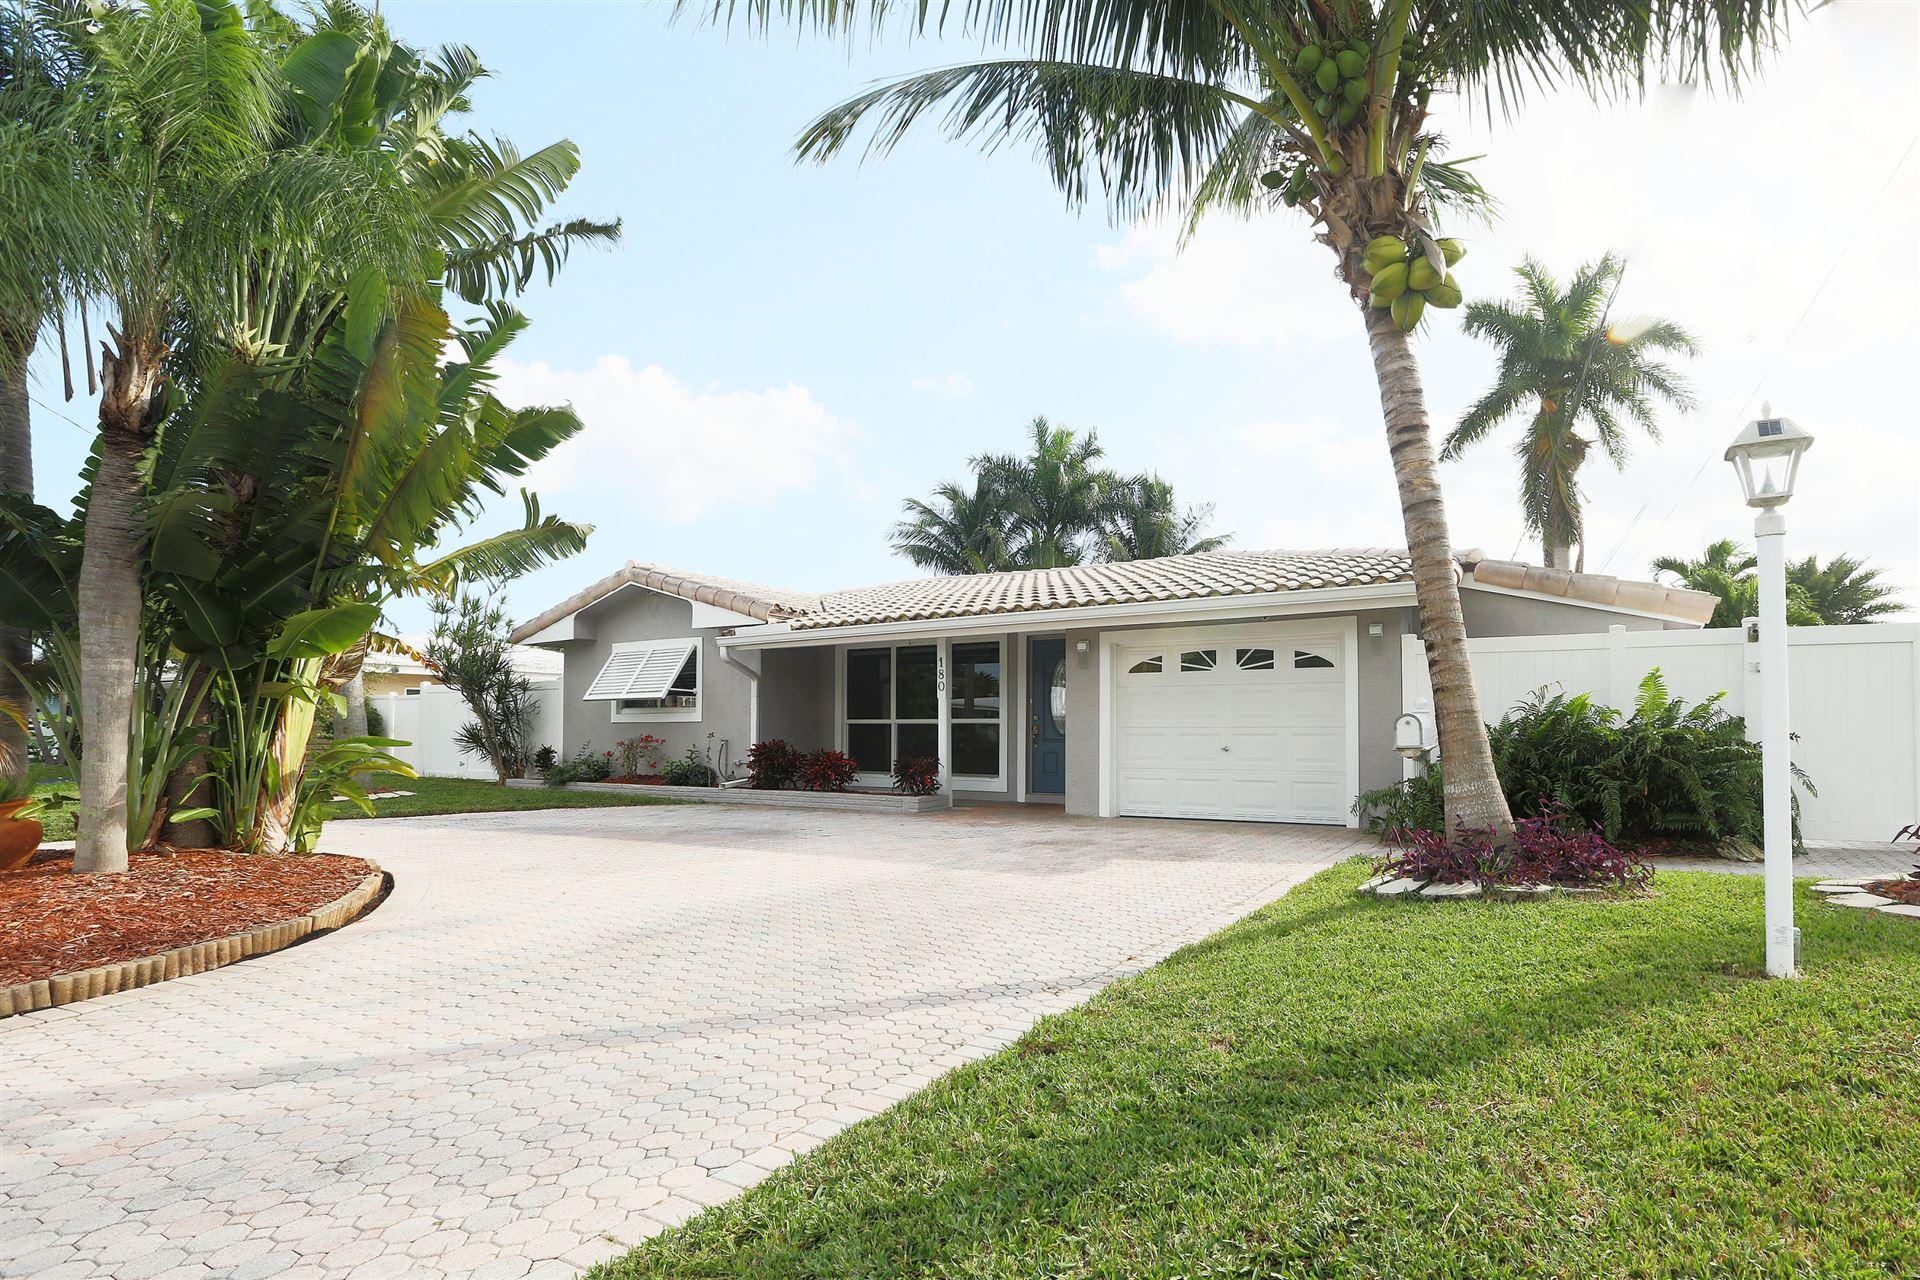 180 SE 3rd Street, Pompano Beach, FL 33060 - #: RX-10679804